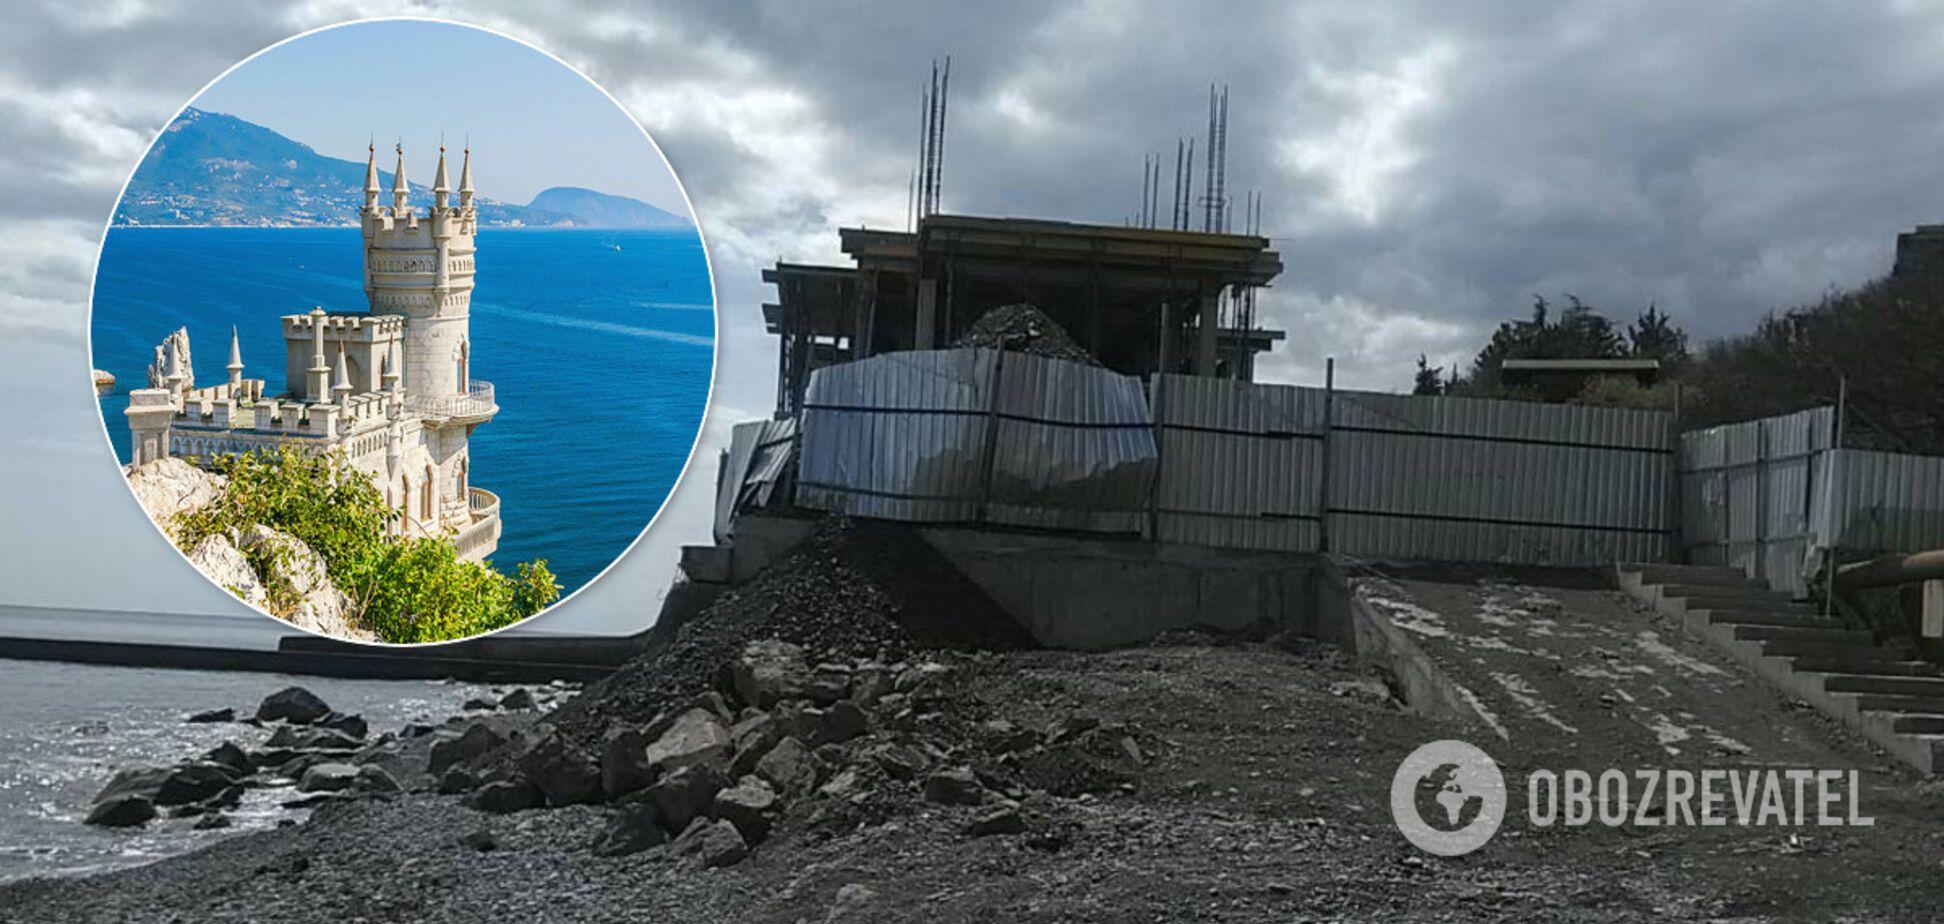 В Крыму оккупанты отобрали у людей бесплатный пляж 'Эврика' под Алуштой